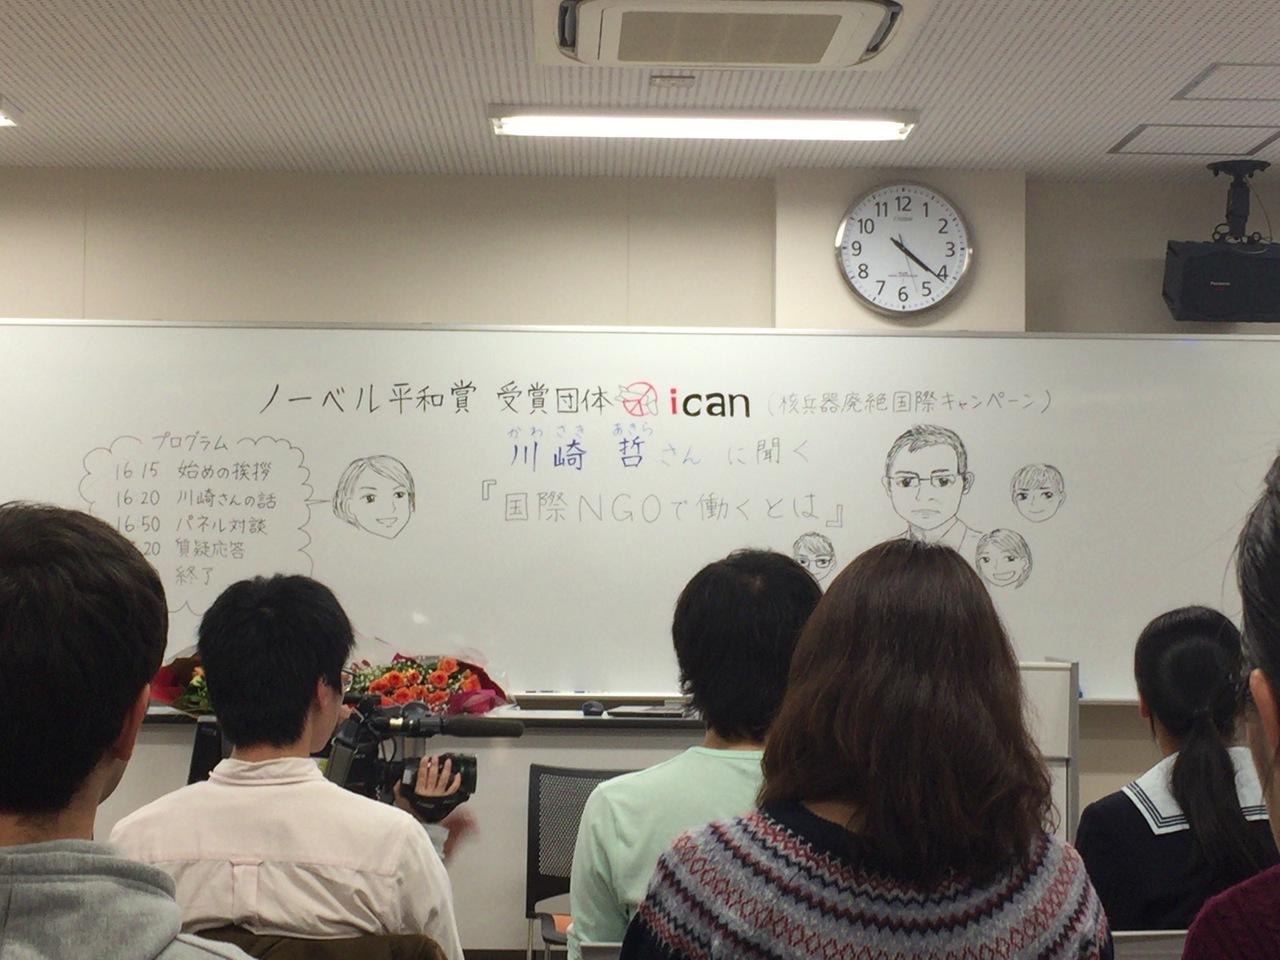 長崎創価学会 ノーベル平和賞受賞団体ICANの川崎哲さんに聞く